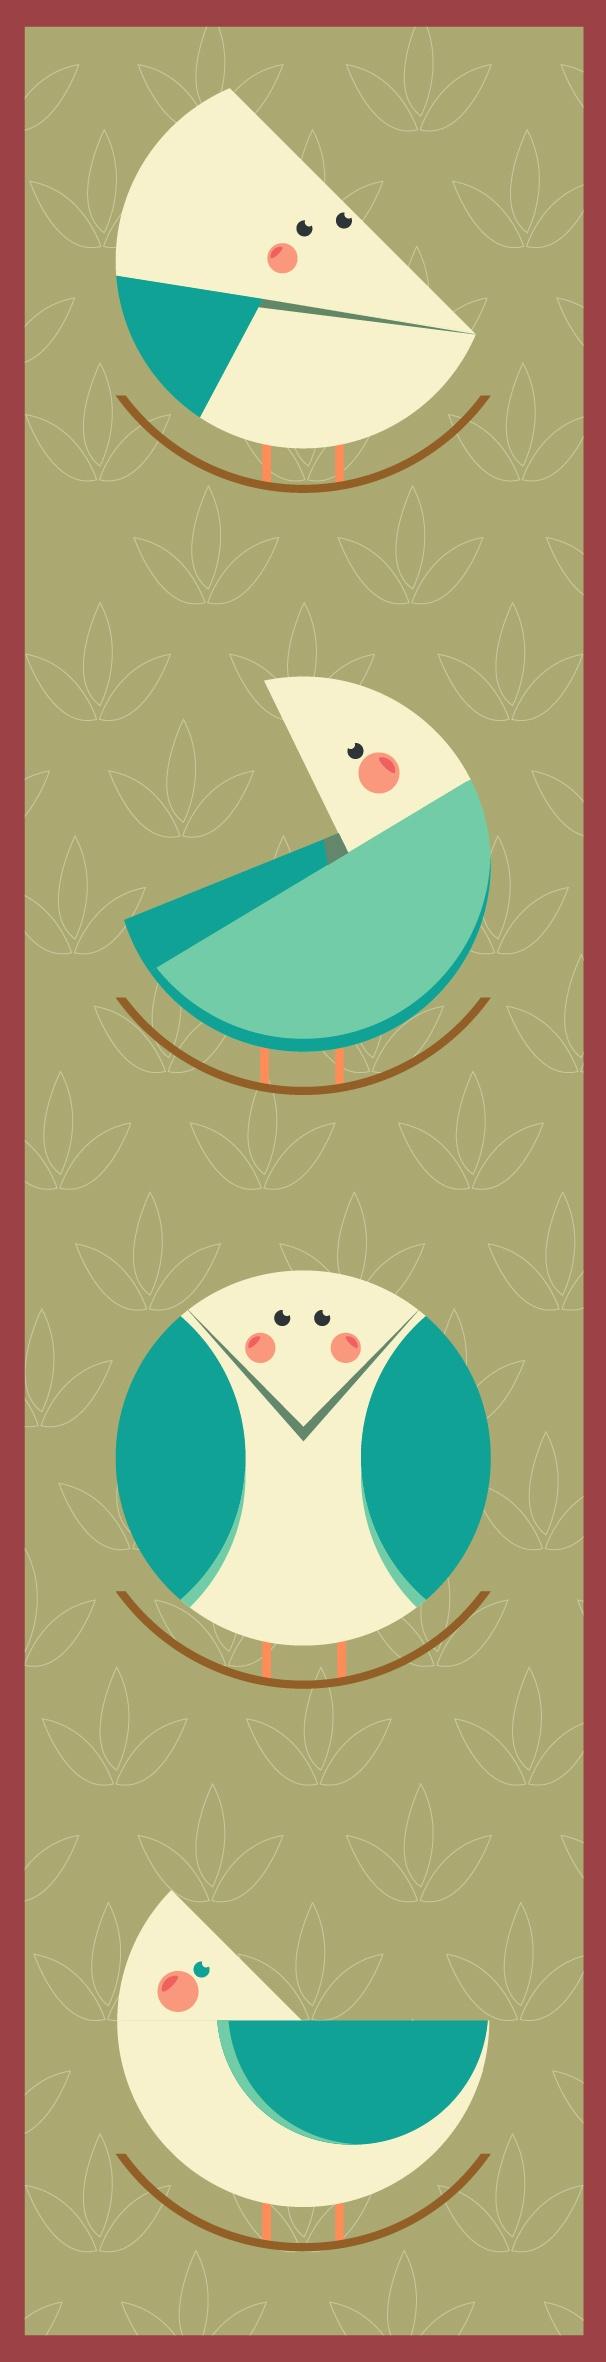 Síntesis aviar - By Jonathan Peña